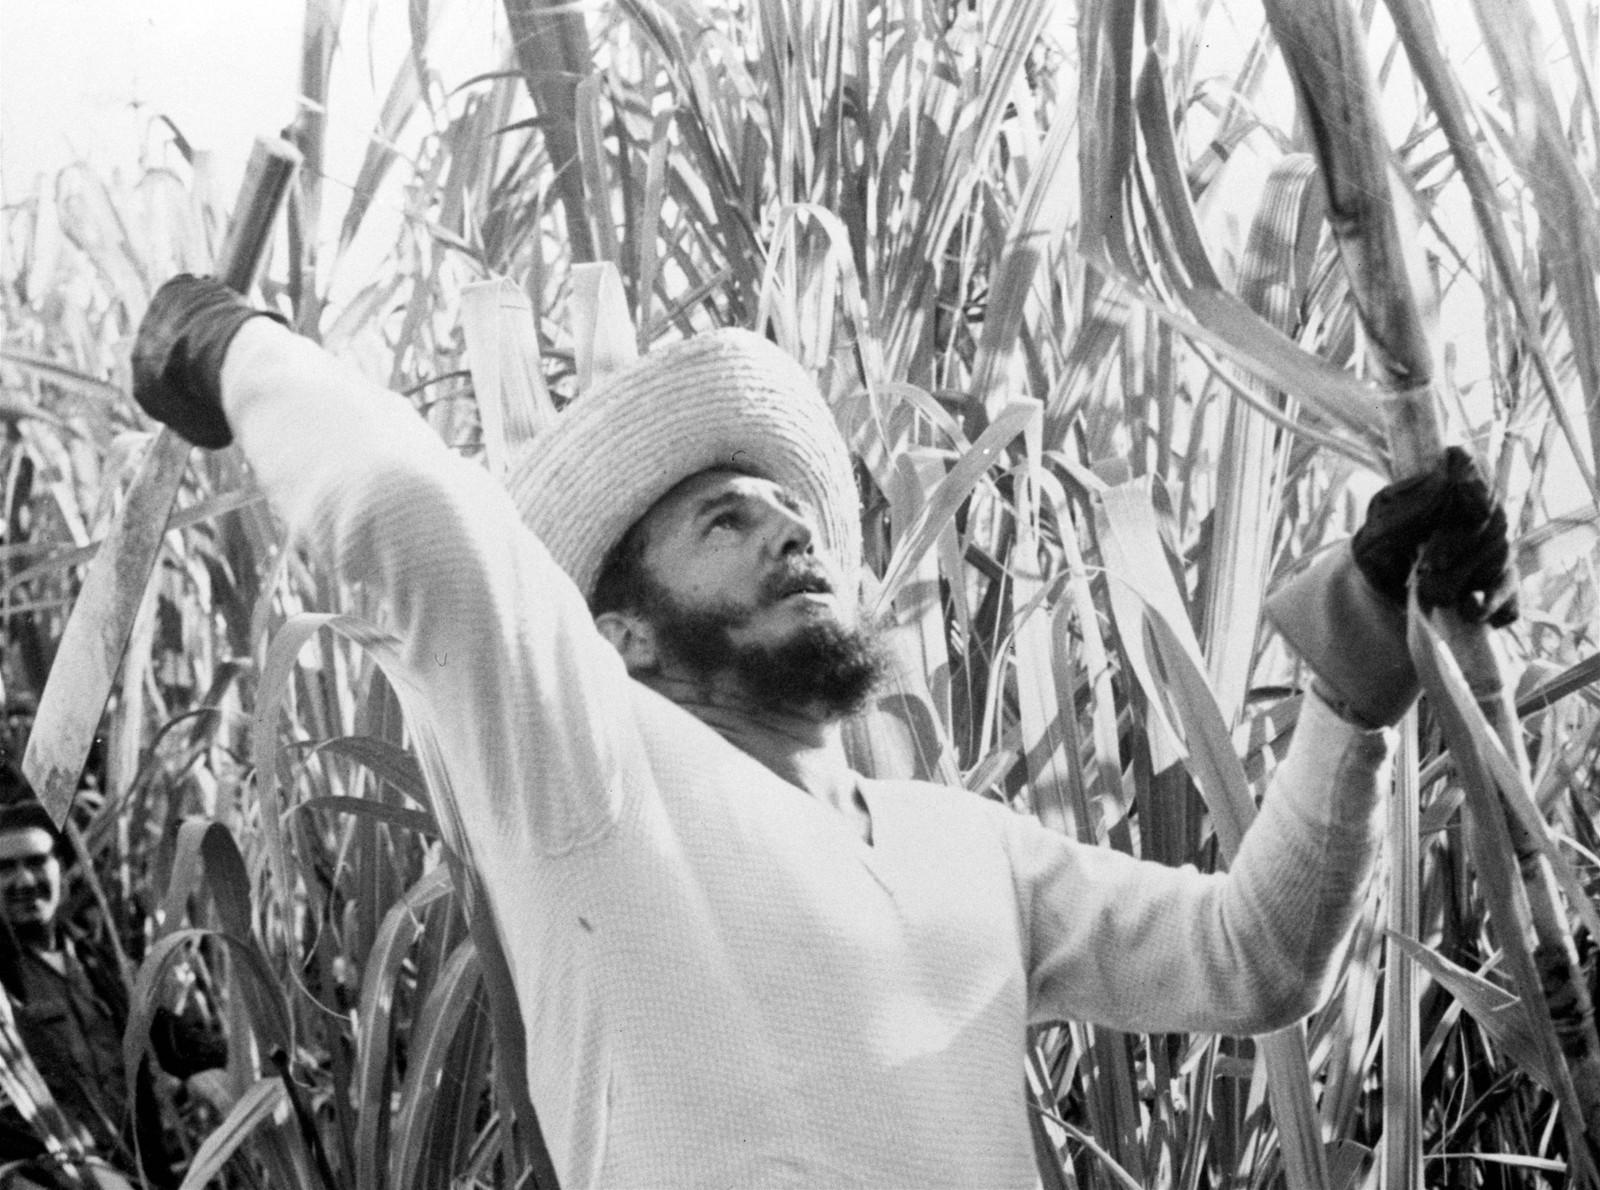 I 1961 innledet de sosialistiske makthaverne en propagandakampanje for å mobilisere cubanere til å delta i sukkerinnhøstingen. Sukker har alltid vært en viktig handelsvare for Cuba og den nye regjeringens mål var å produsere enda mer sukker. Tusenvis av frivillige meldte seg og i spissen stod landets leder, Fidel Castro.